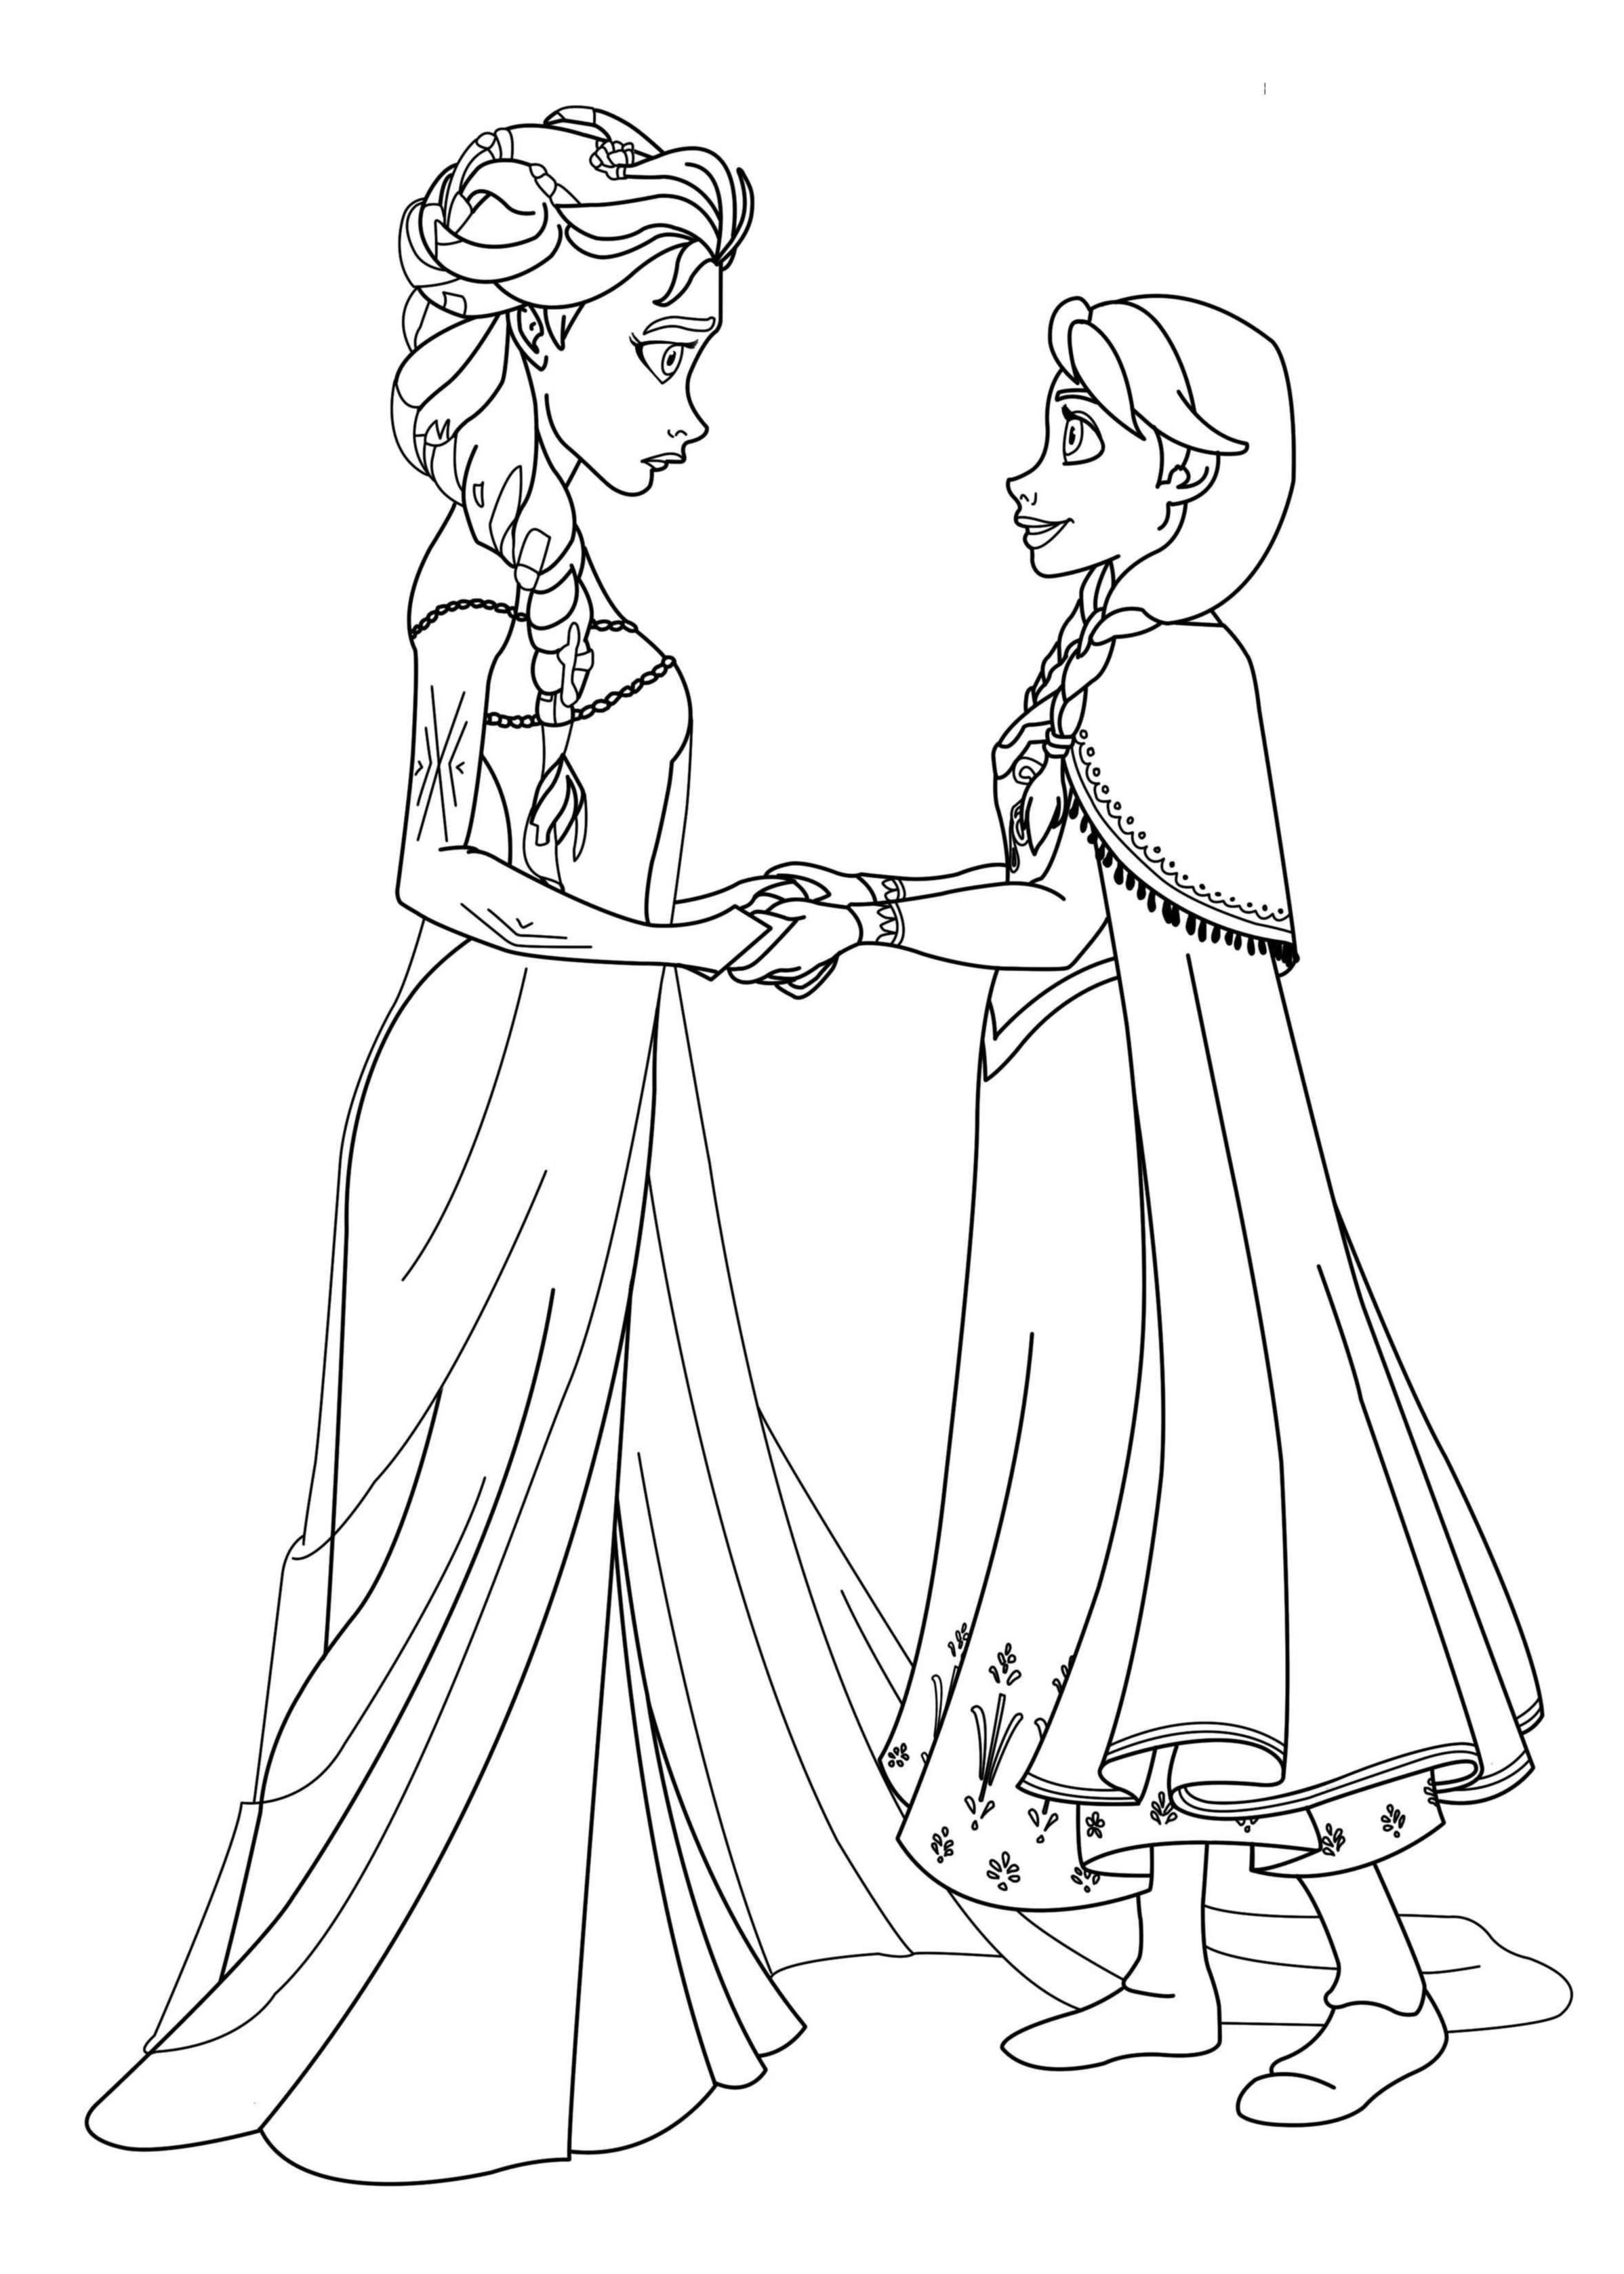 coloriage imprimer personnages clbres walt disney la reine des neiges numro 754168